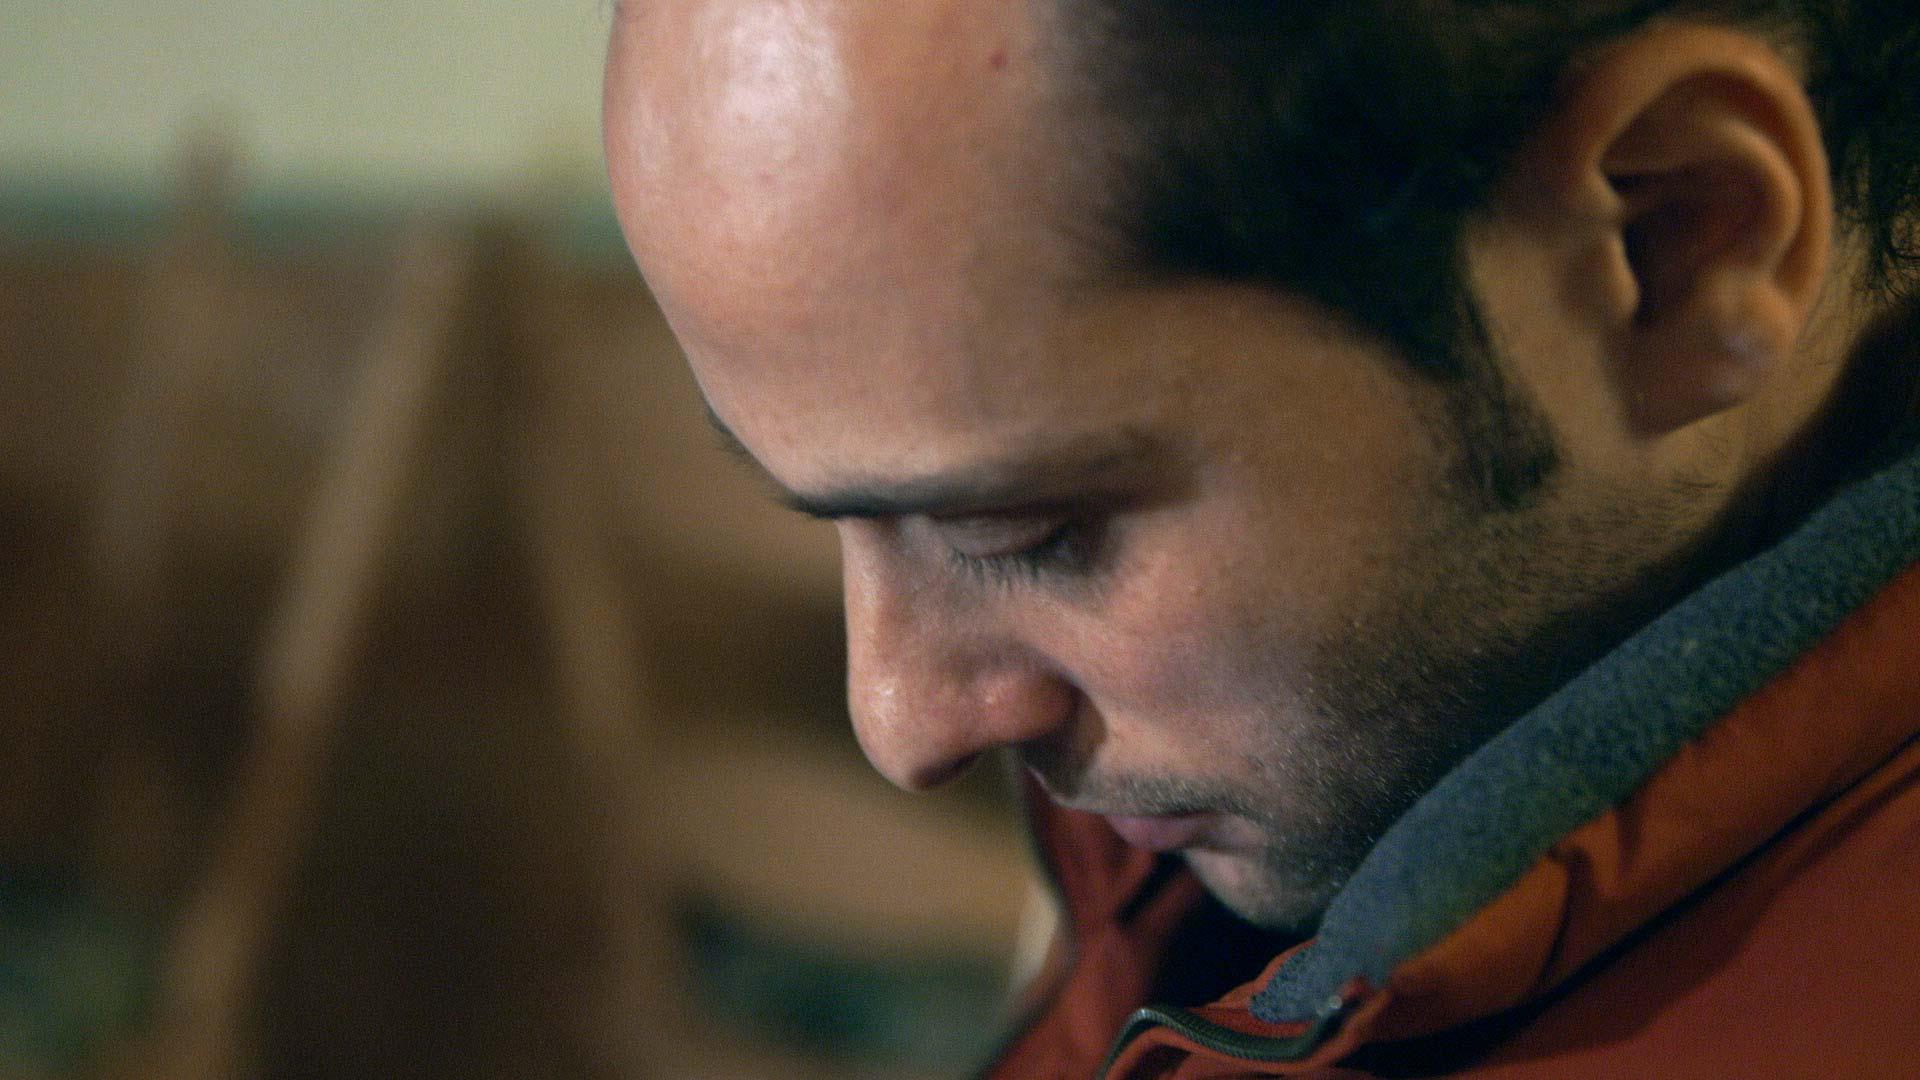 Syrer liest seinen Bescheid vom Bamf